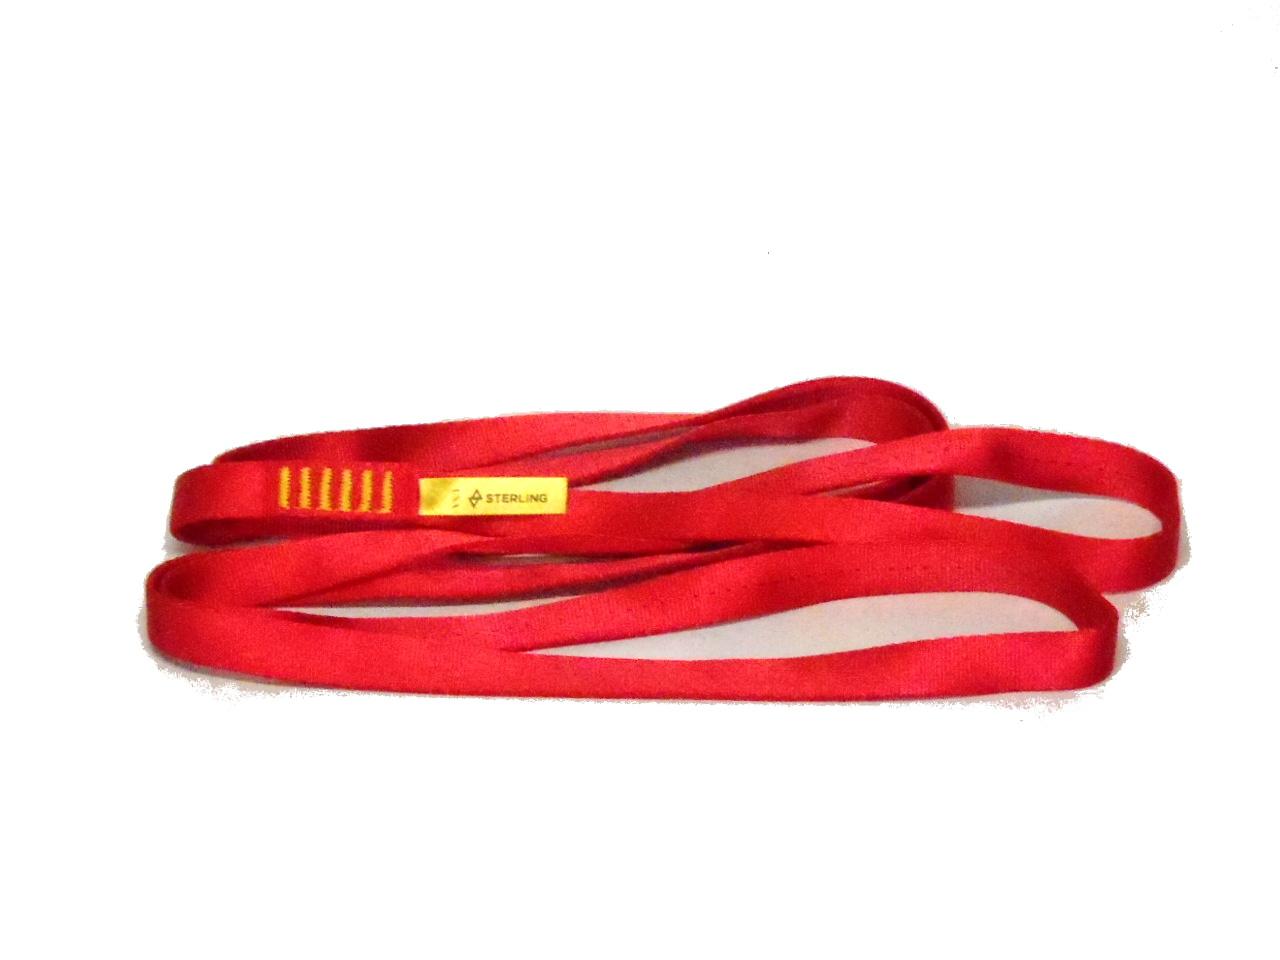 テープスリング ナイロン 120cm(レッド) スターリン社